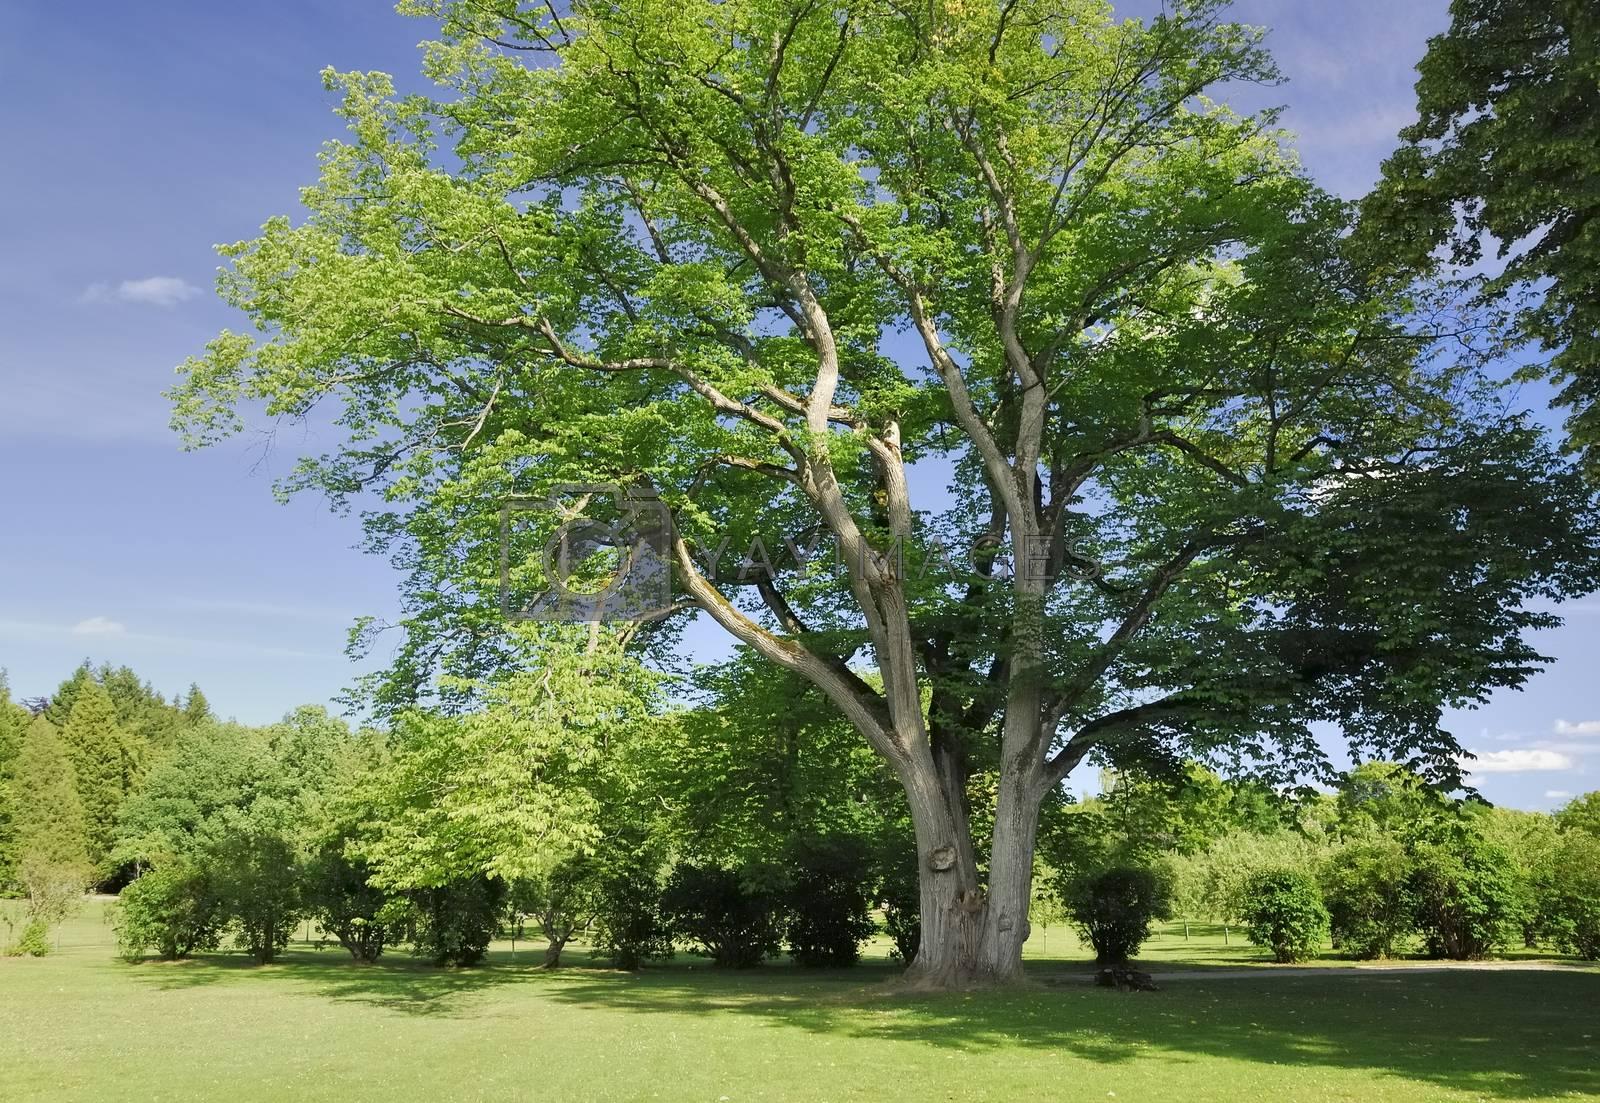 Big tree in the garden.